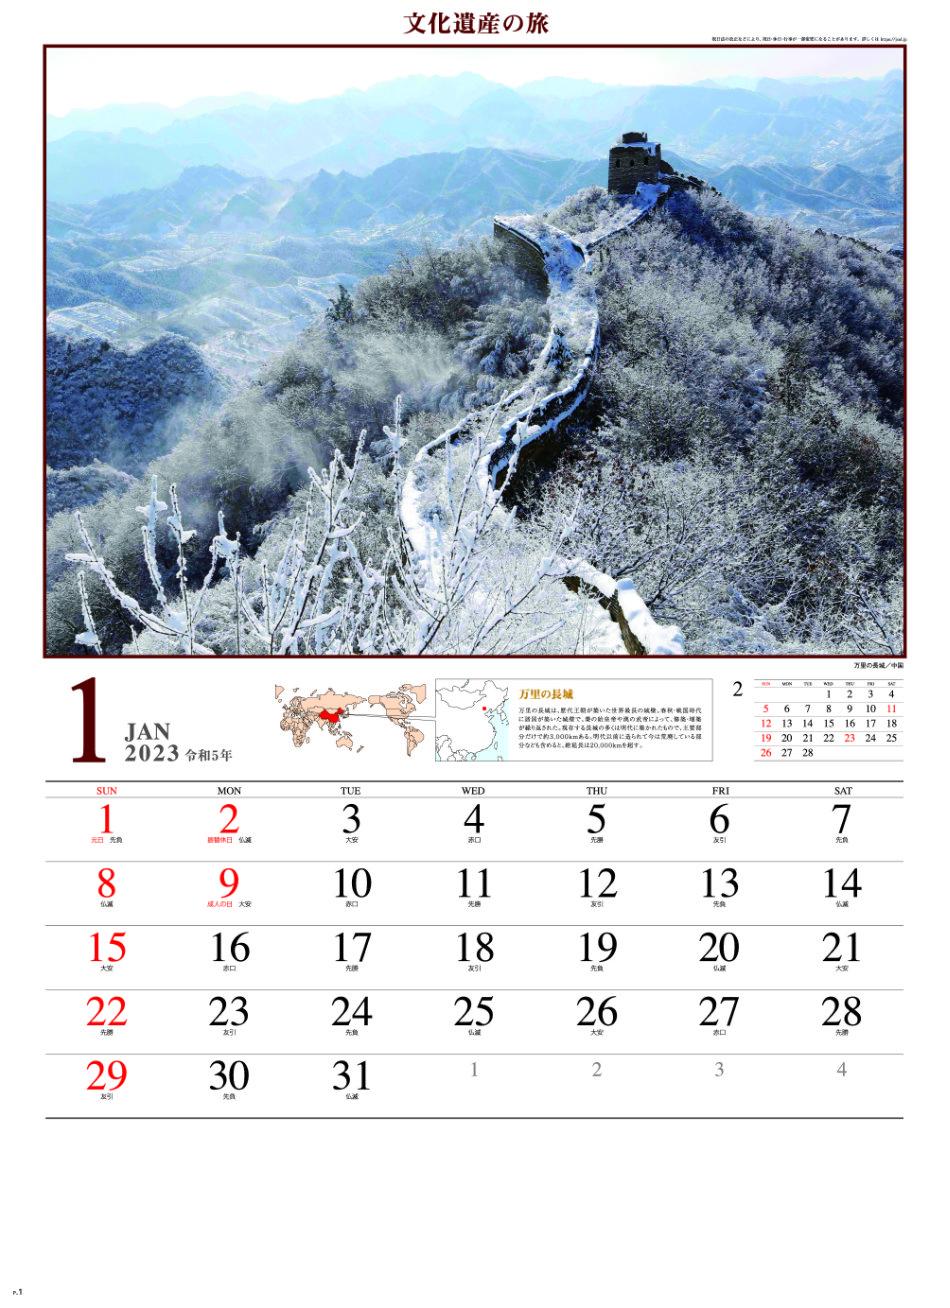 1月 ストーンヘンジ イギリス 文化遺産の旅(ユネスコ世界遺産) 2022年カレンダーの画像